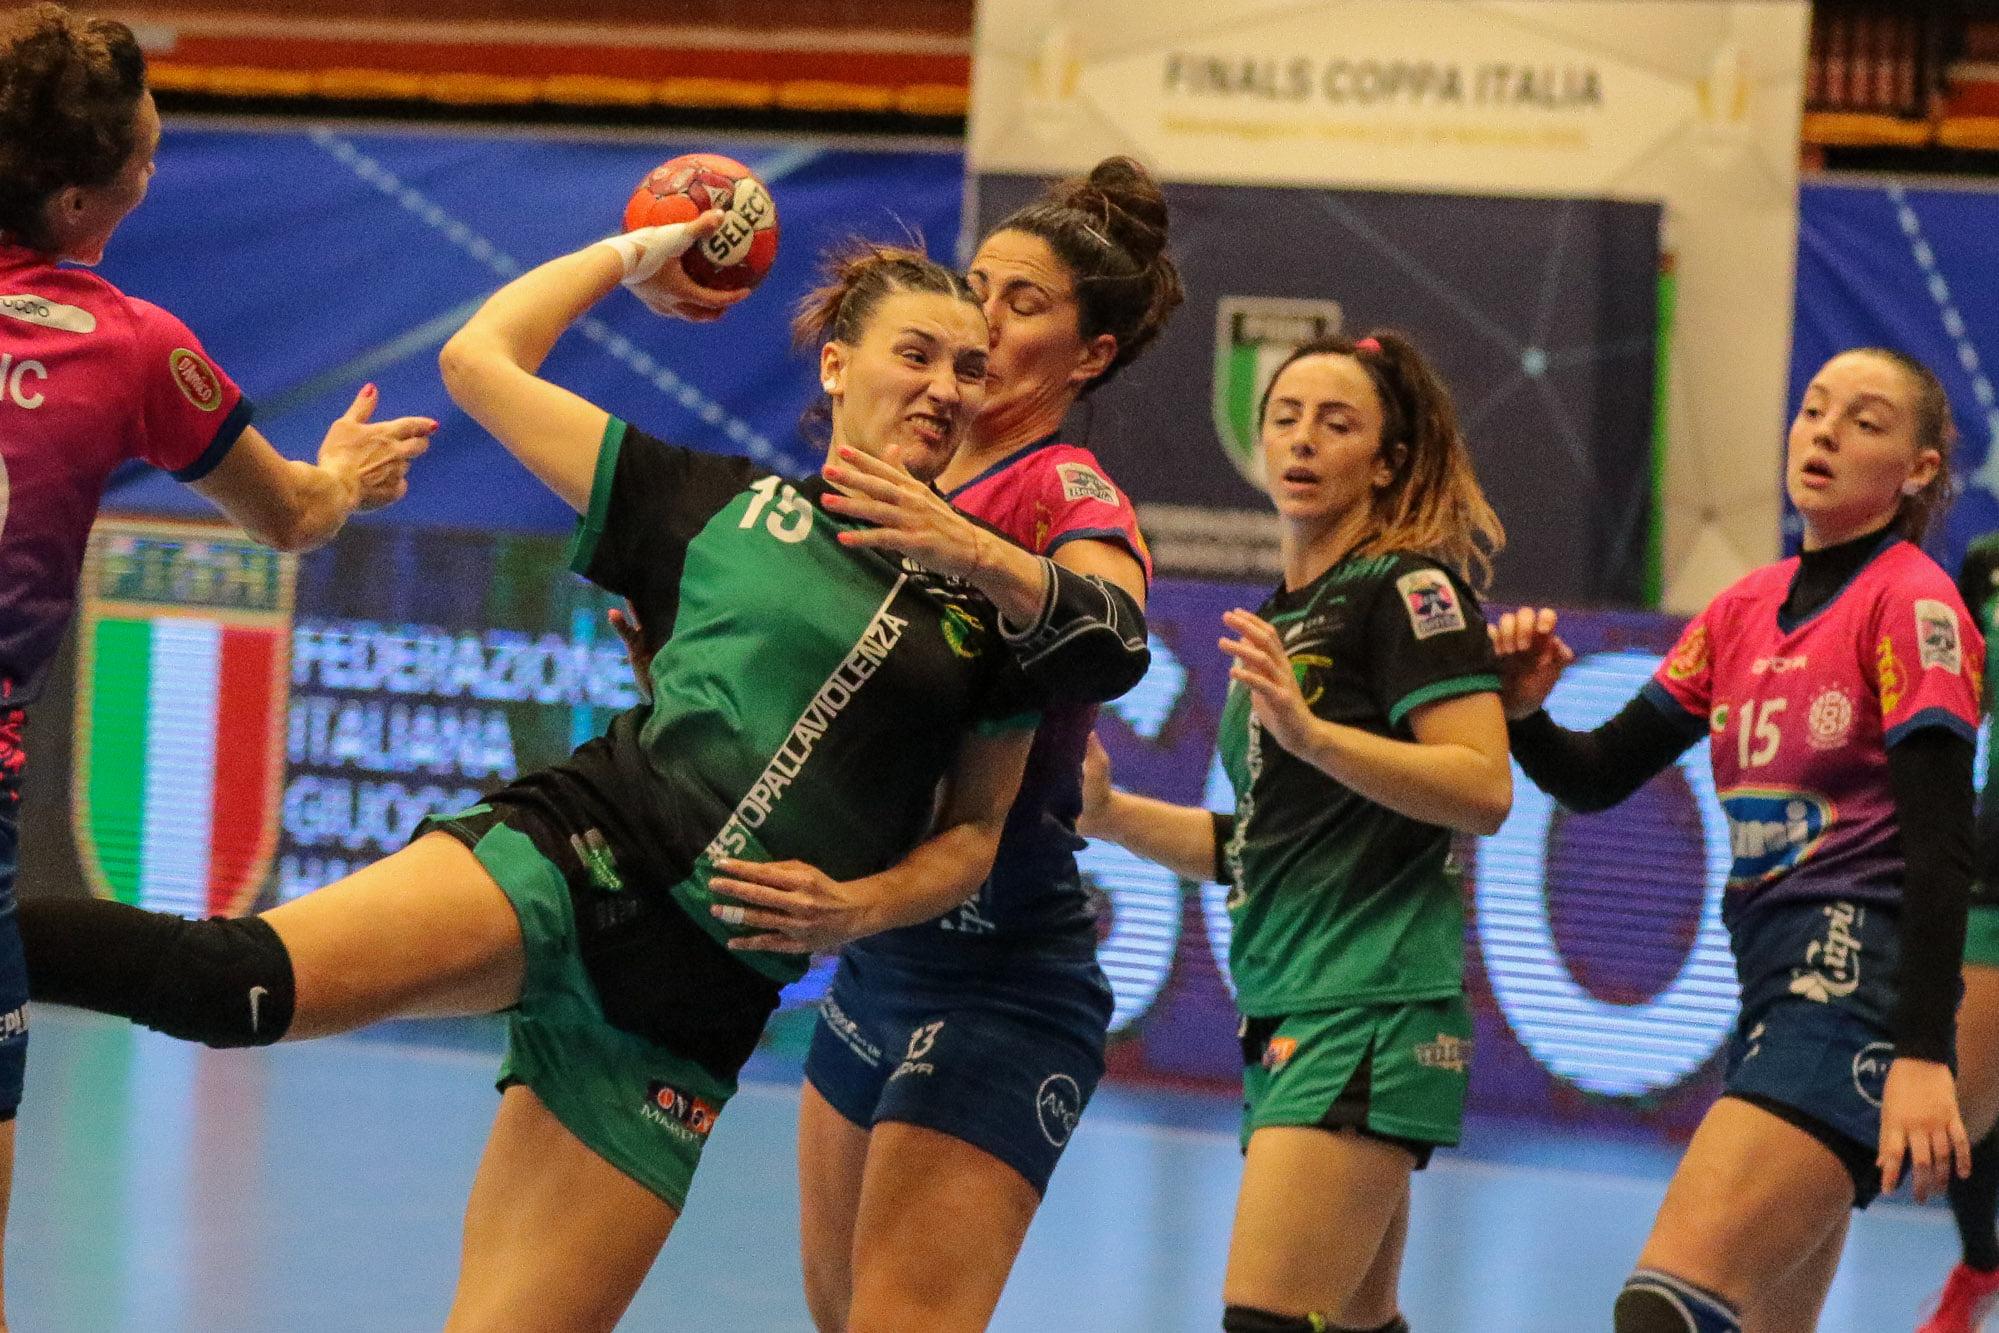 Serie A Beretta femminile in campo per la 20^ giornata